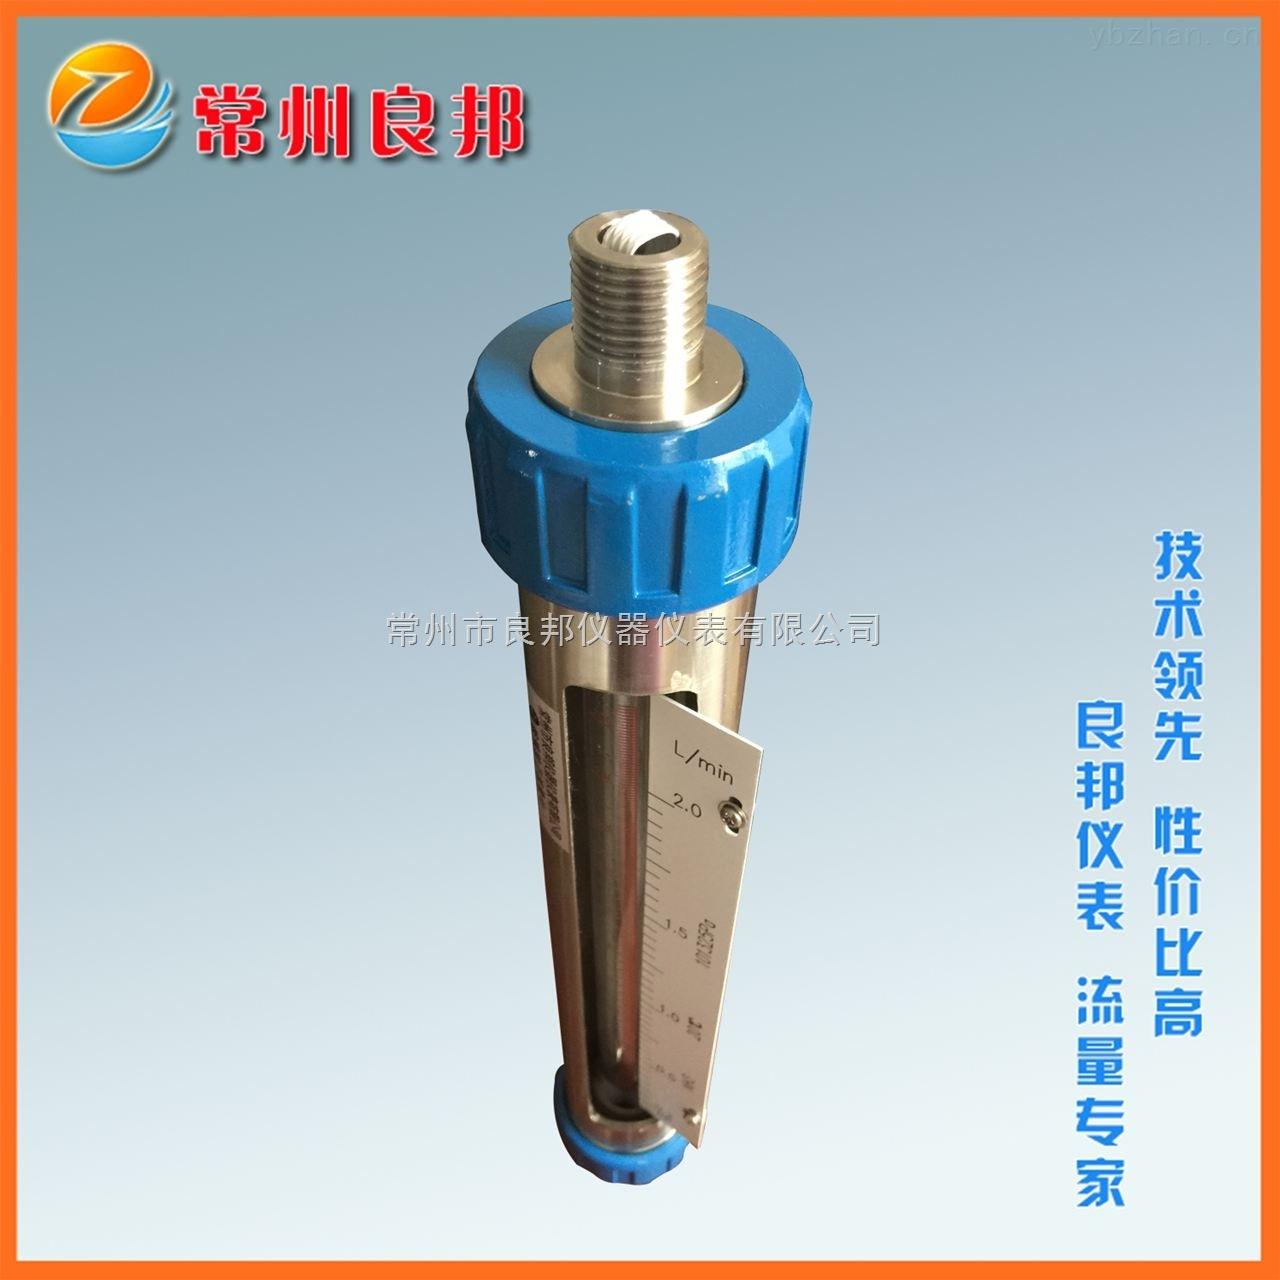 G30-25-液体甲醇玻璃转子流量计厂家供货 外形美观四氟密封不漏液 计量精准